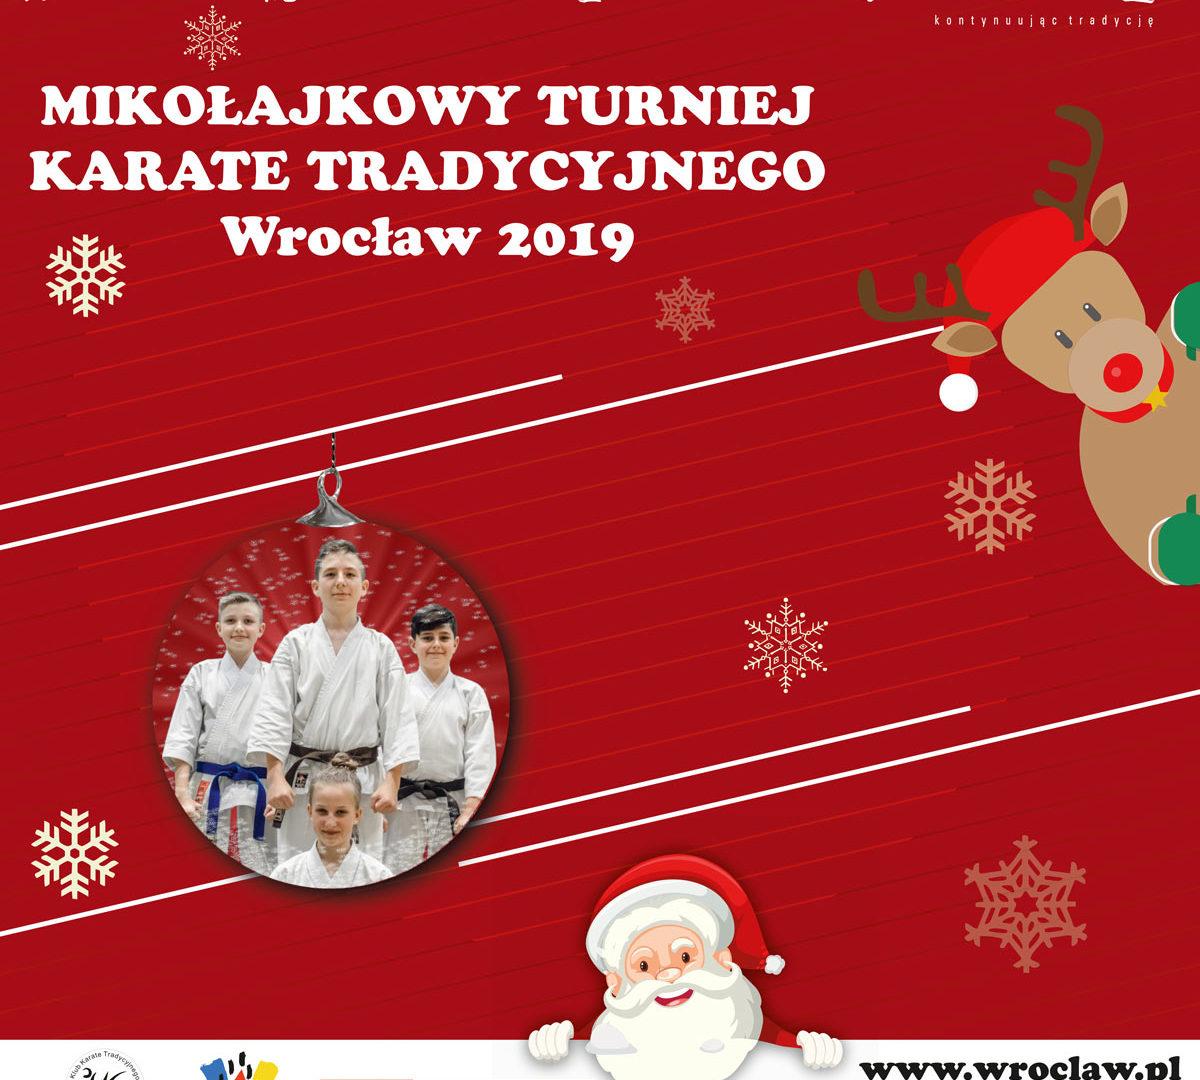 Turniej Mikołajkowy Karate Tradycyjnego